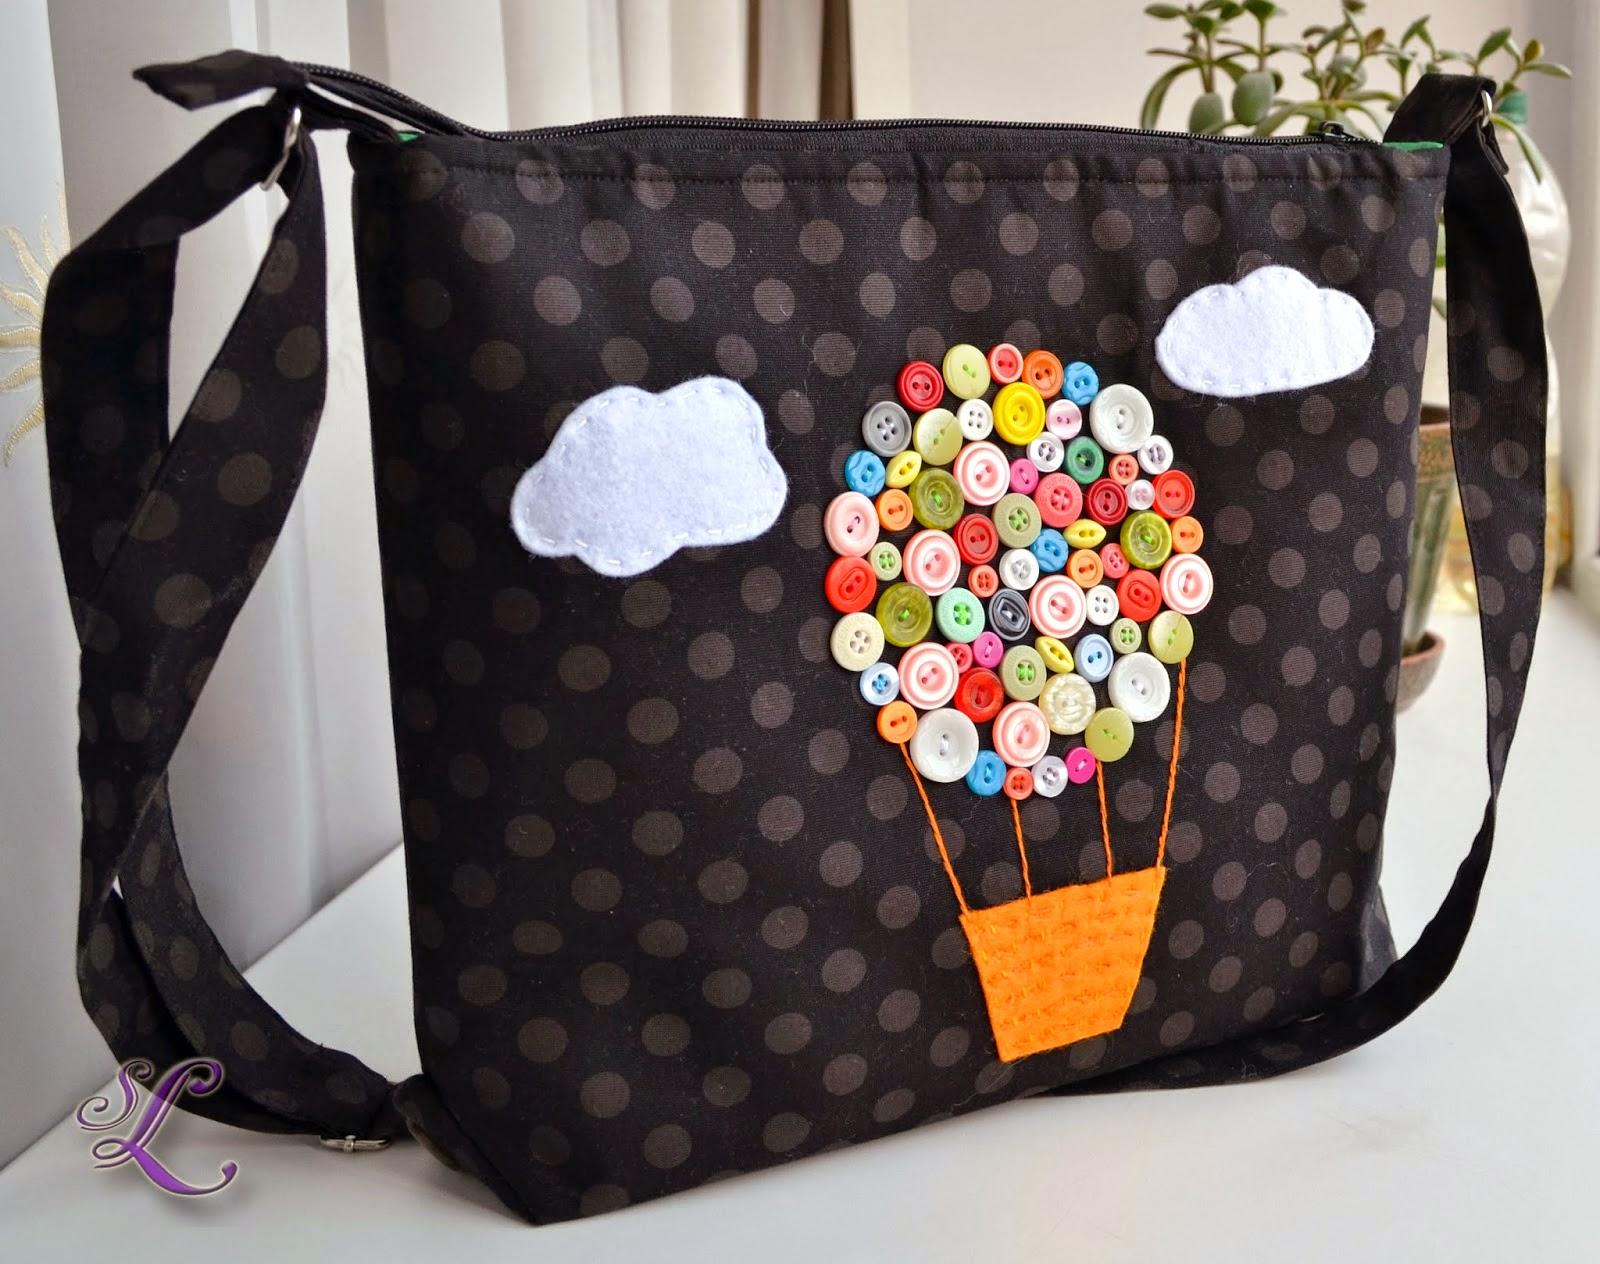 Украсить сумочку своими руками фото 34